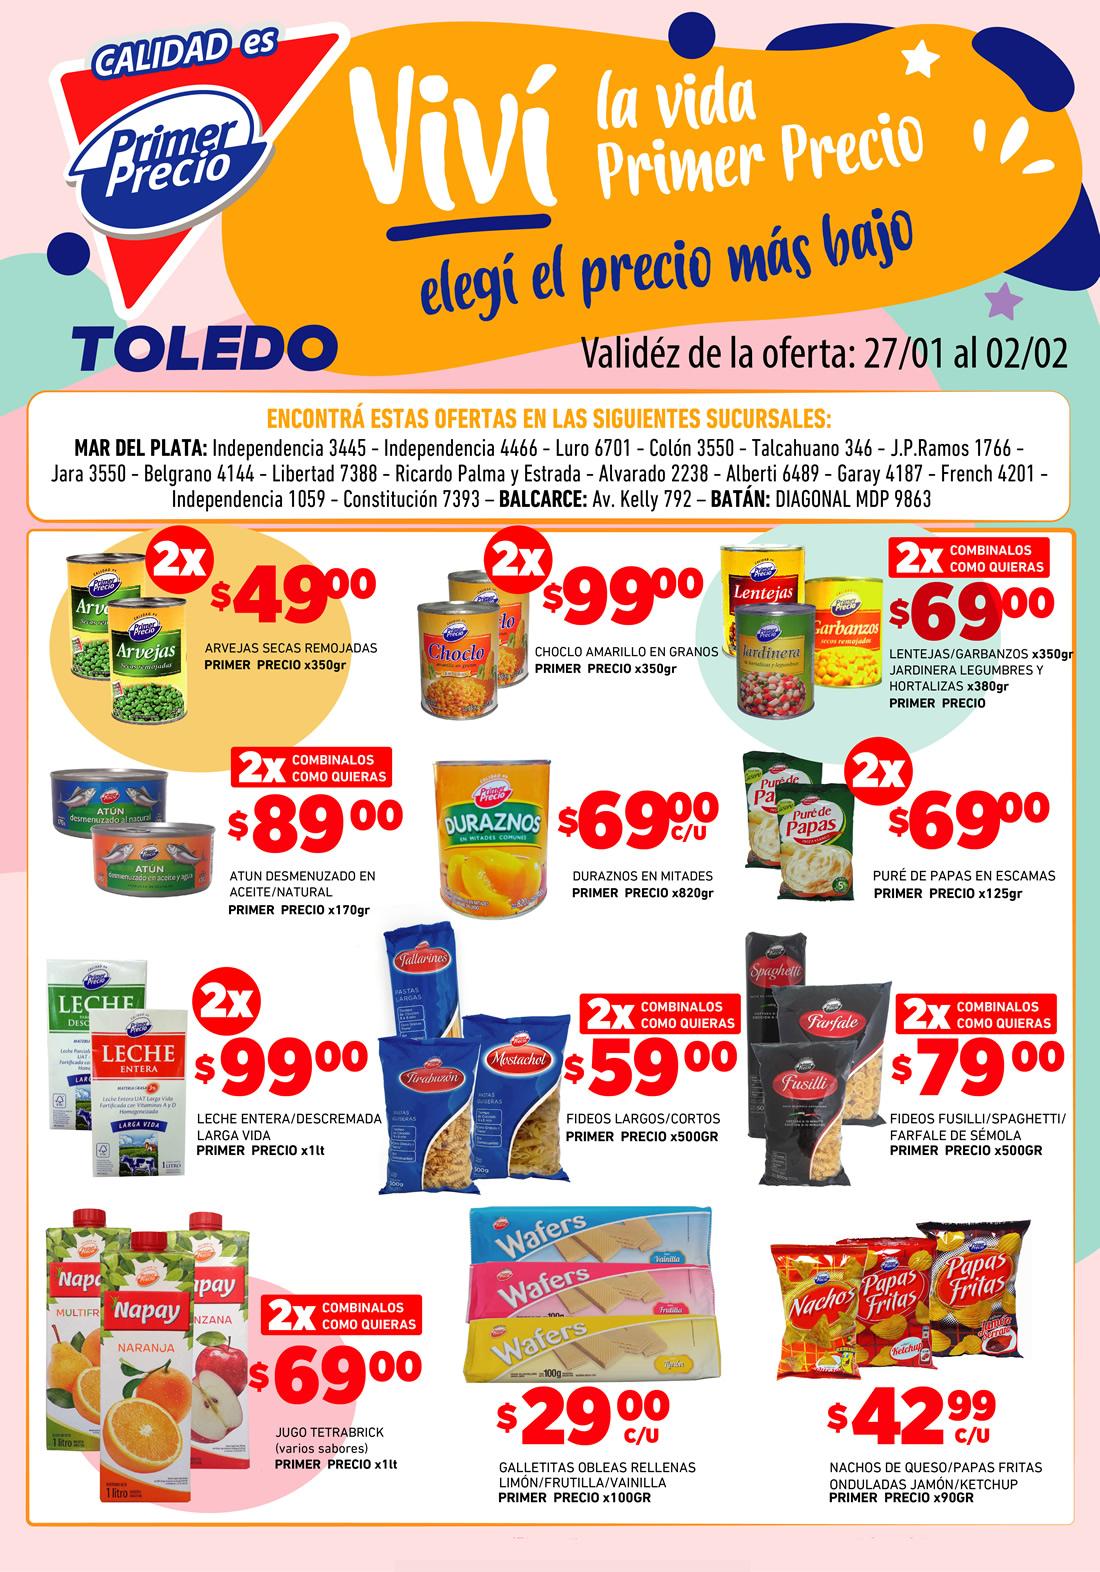 FOLDER-PRIMER-PRECIO-DEL-20-AL-26-01-100X70_Mesa-de-trabajo-1